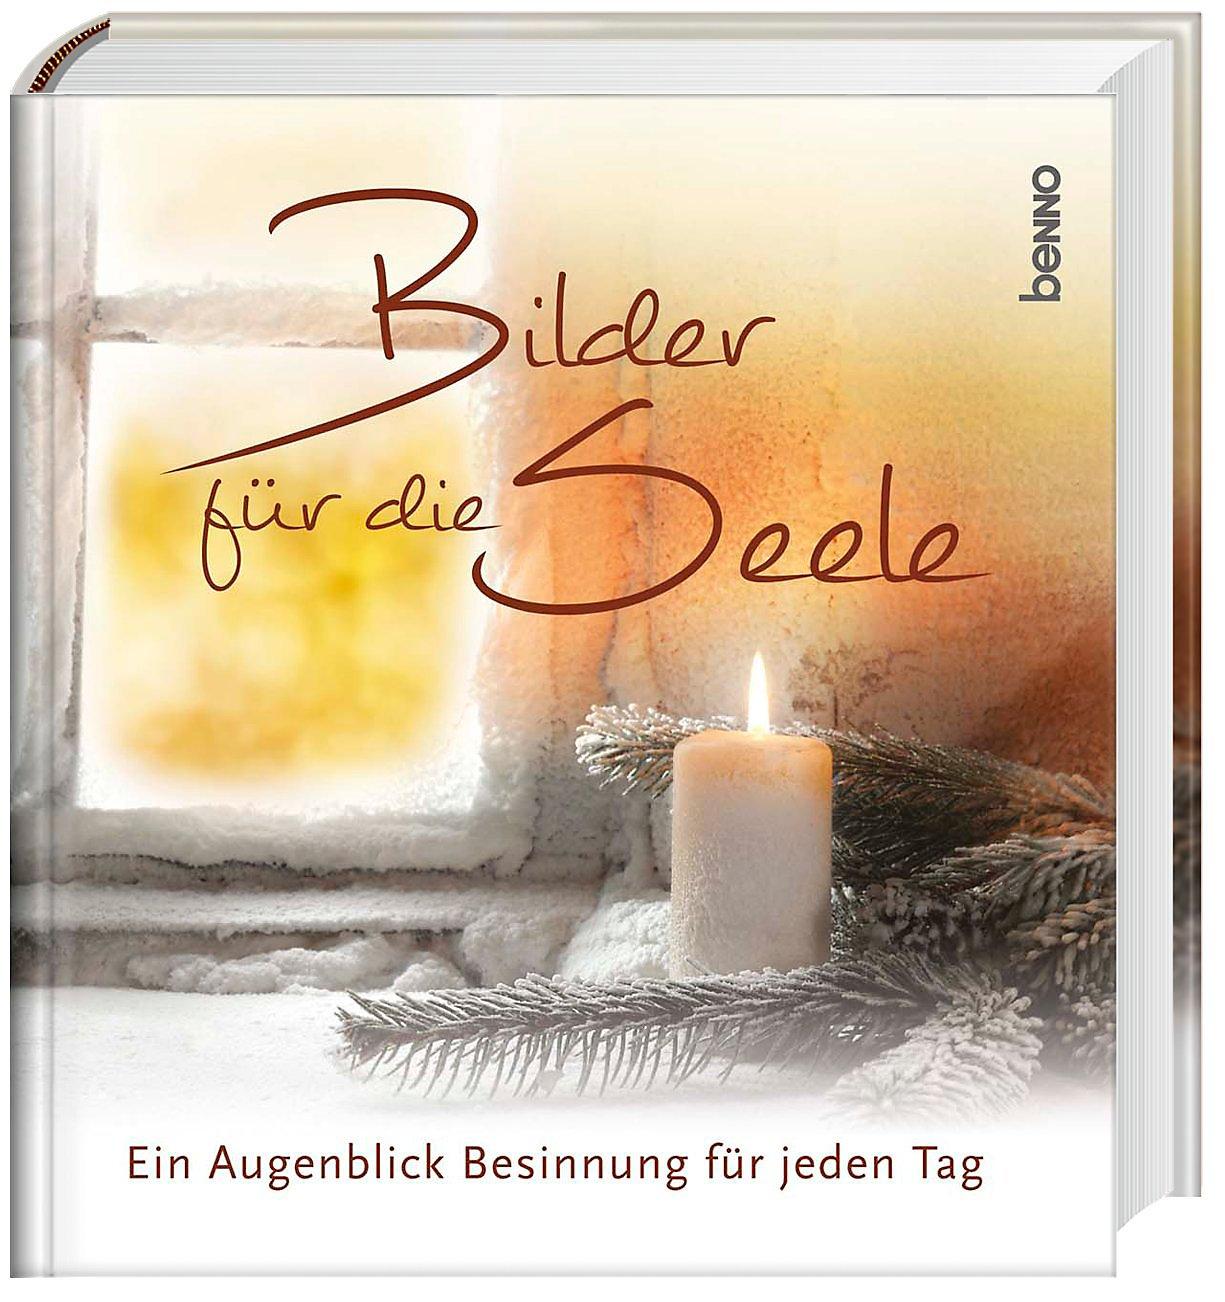 Bilder für die Seele, Weihnachtssonderausgabe Buch - Weltbild.de